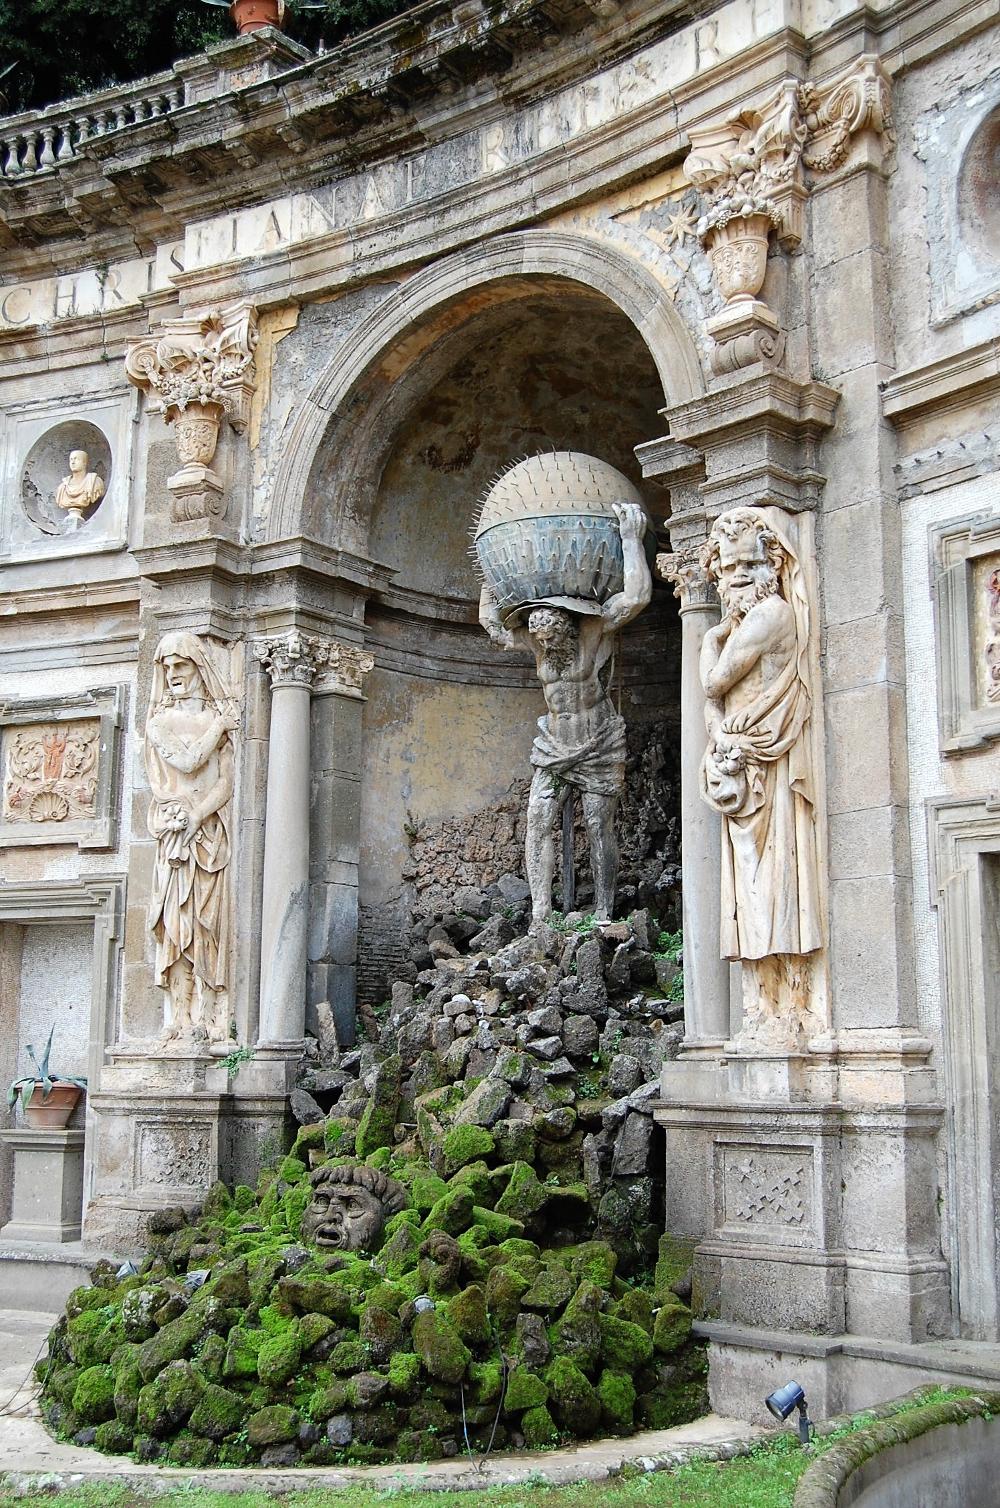 rocaille-blog-villa-aldobrandini-frascati-giardino (35)